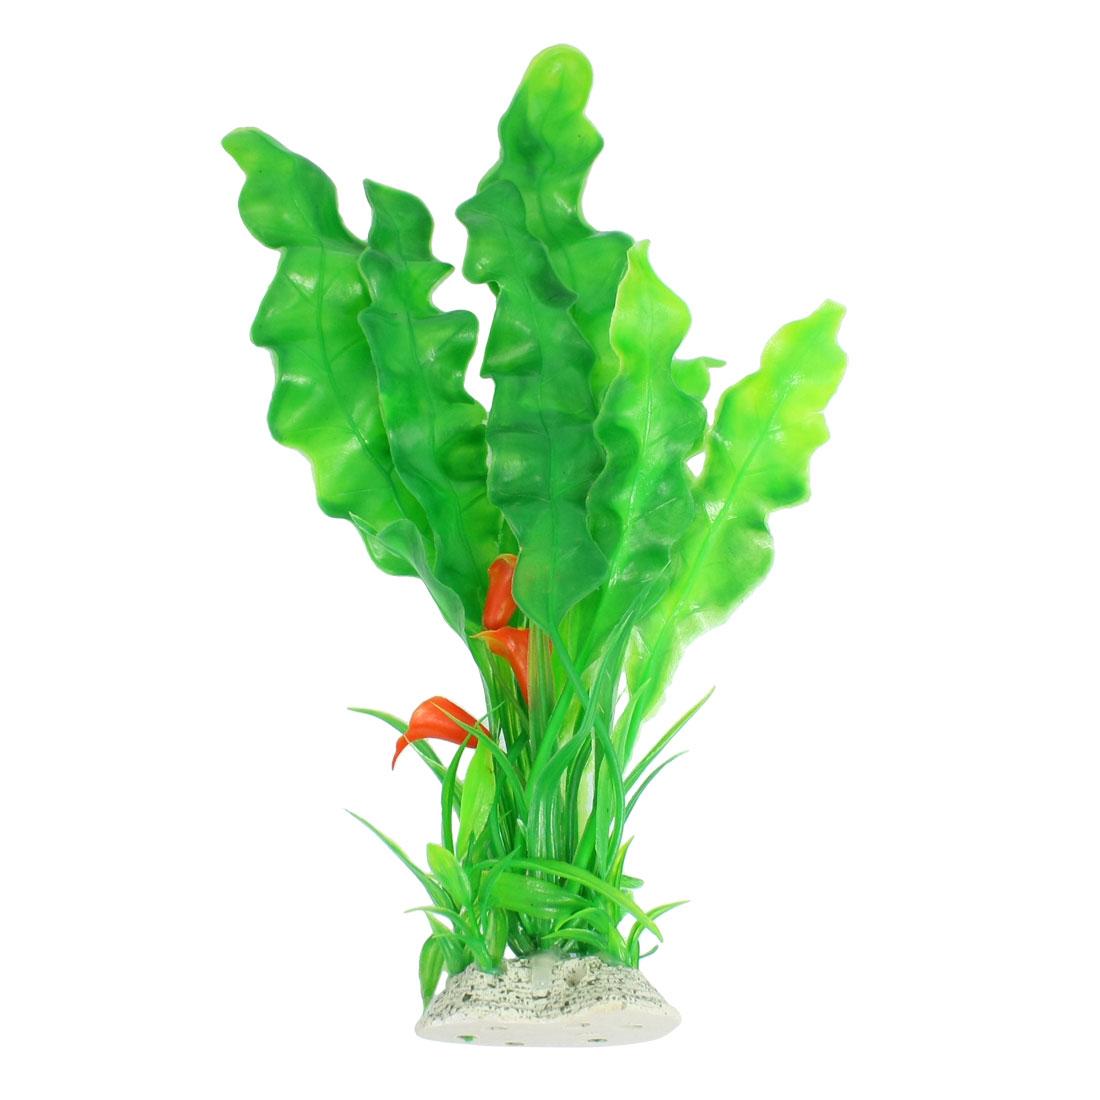 """11.2"""" High Artificial Plastic Fish Aquarium Plant Green Orange"""